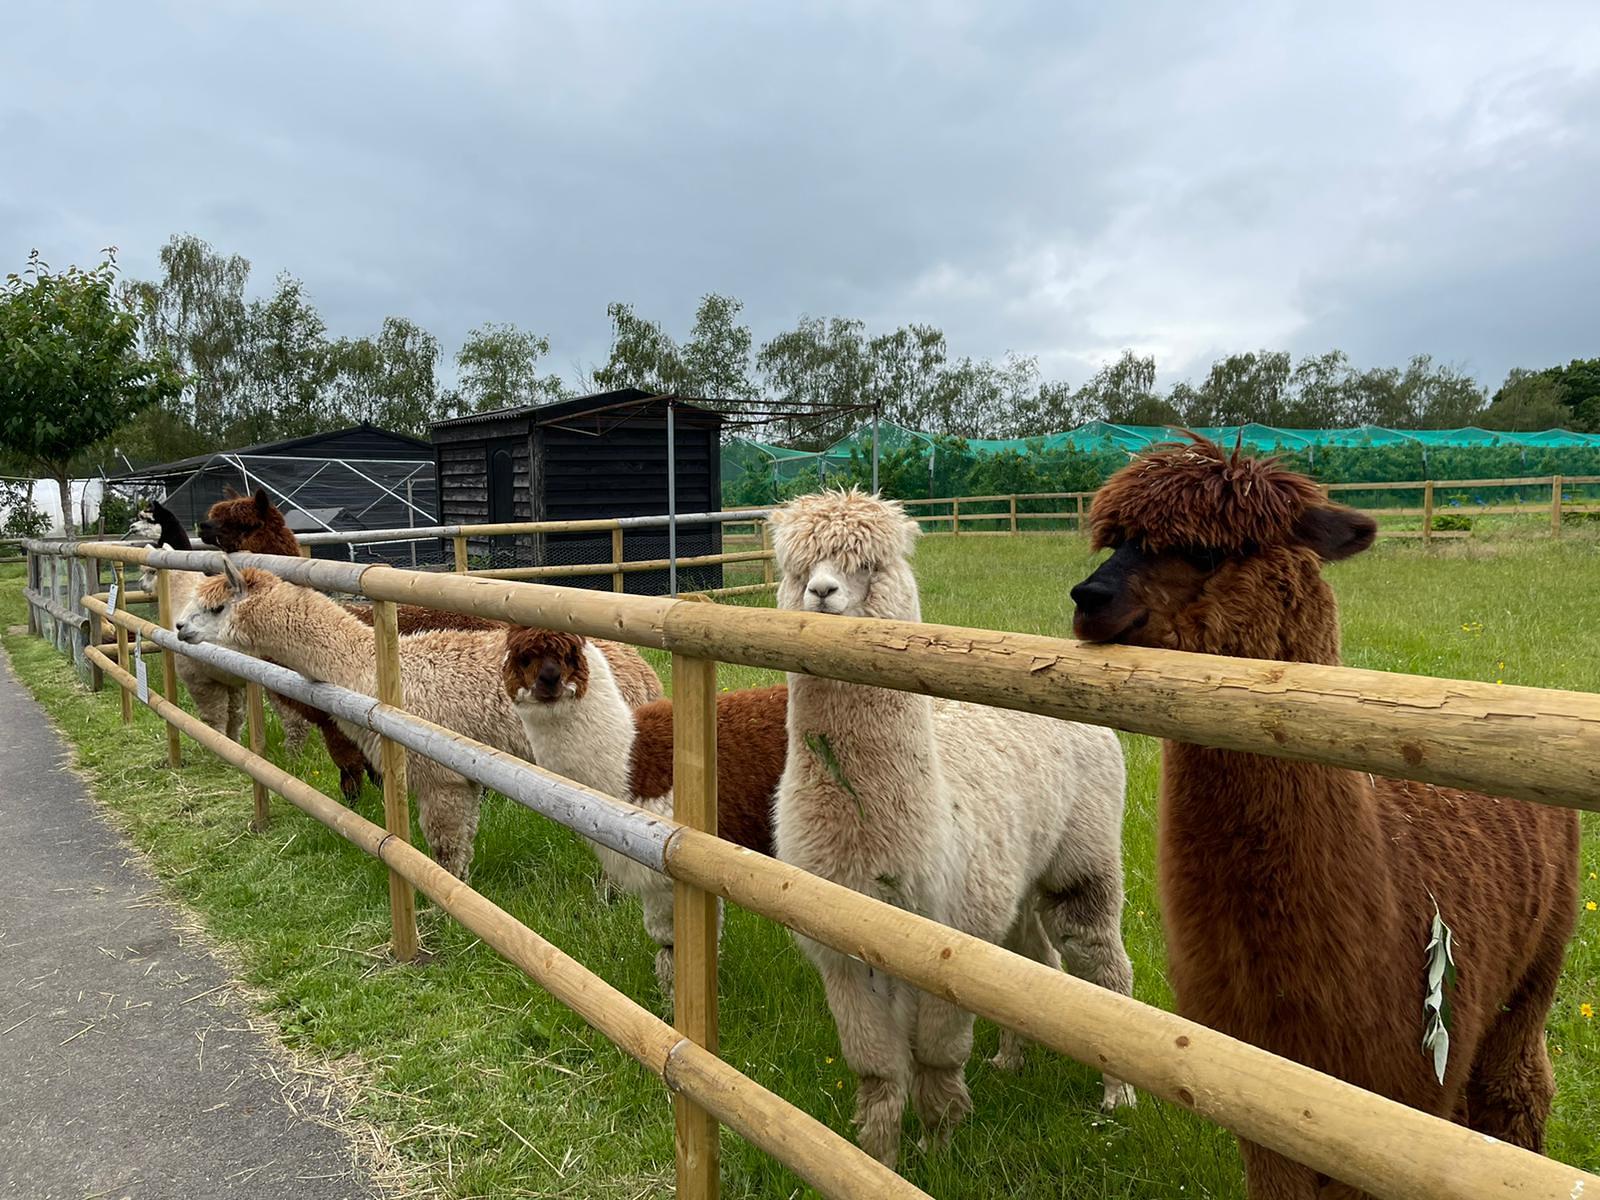 Greetings from alpacas